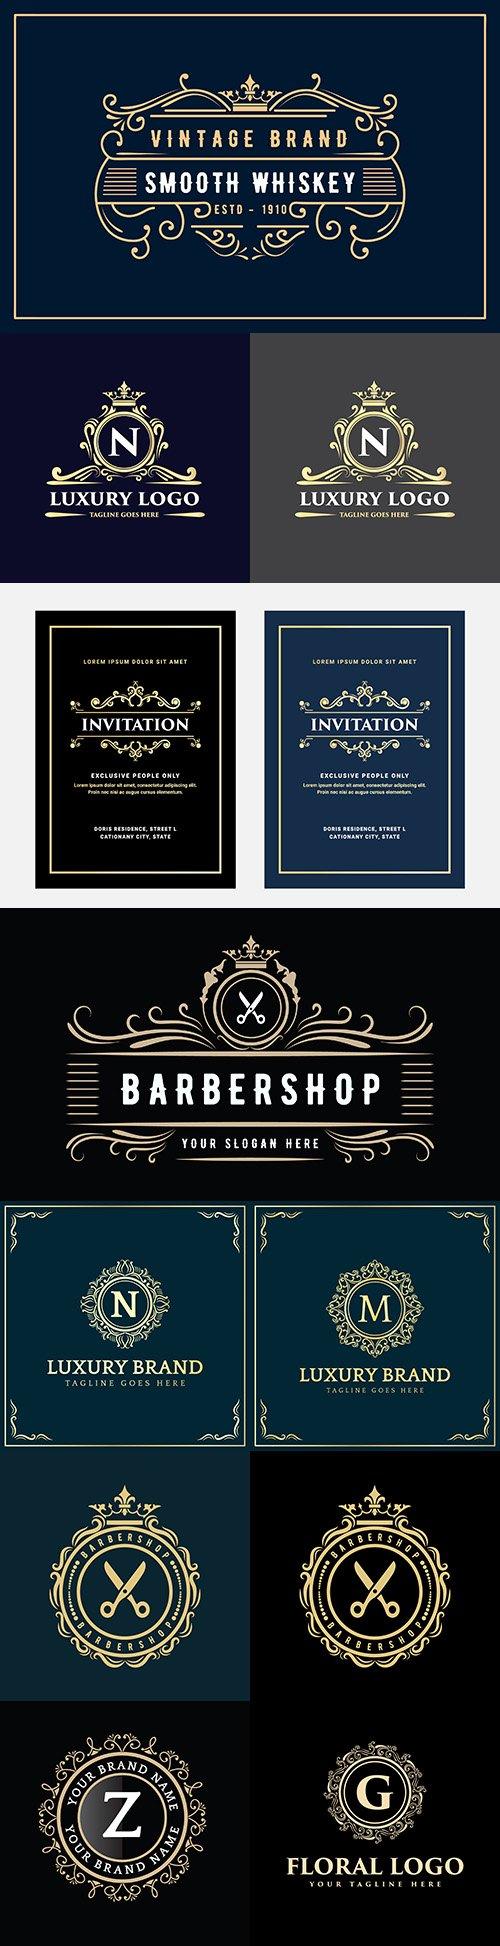 Vintage brand emblem decorative design dark background